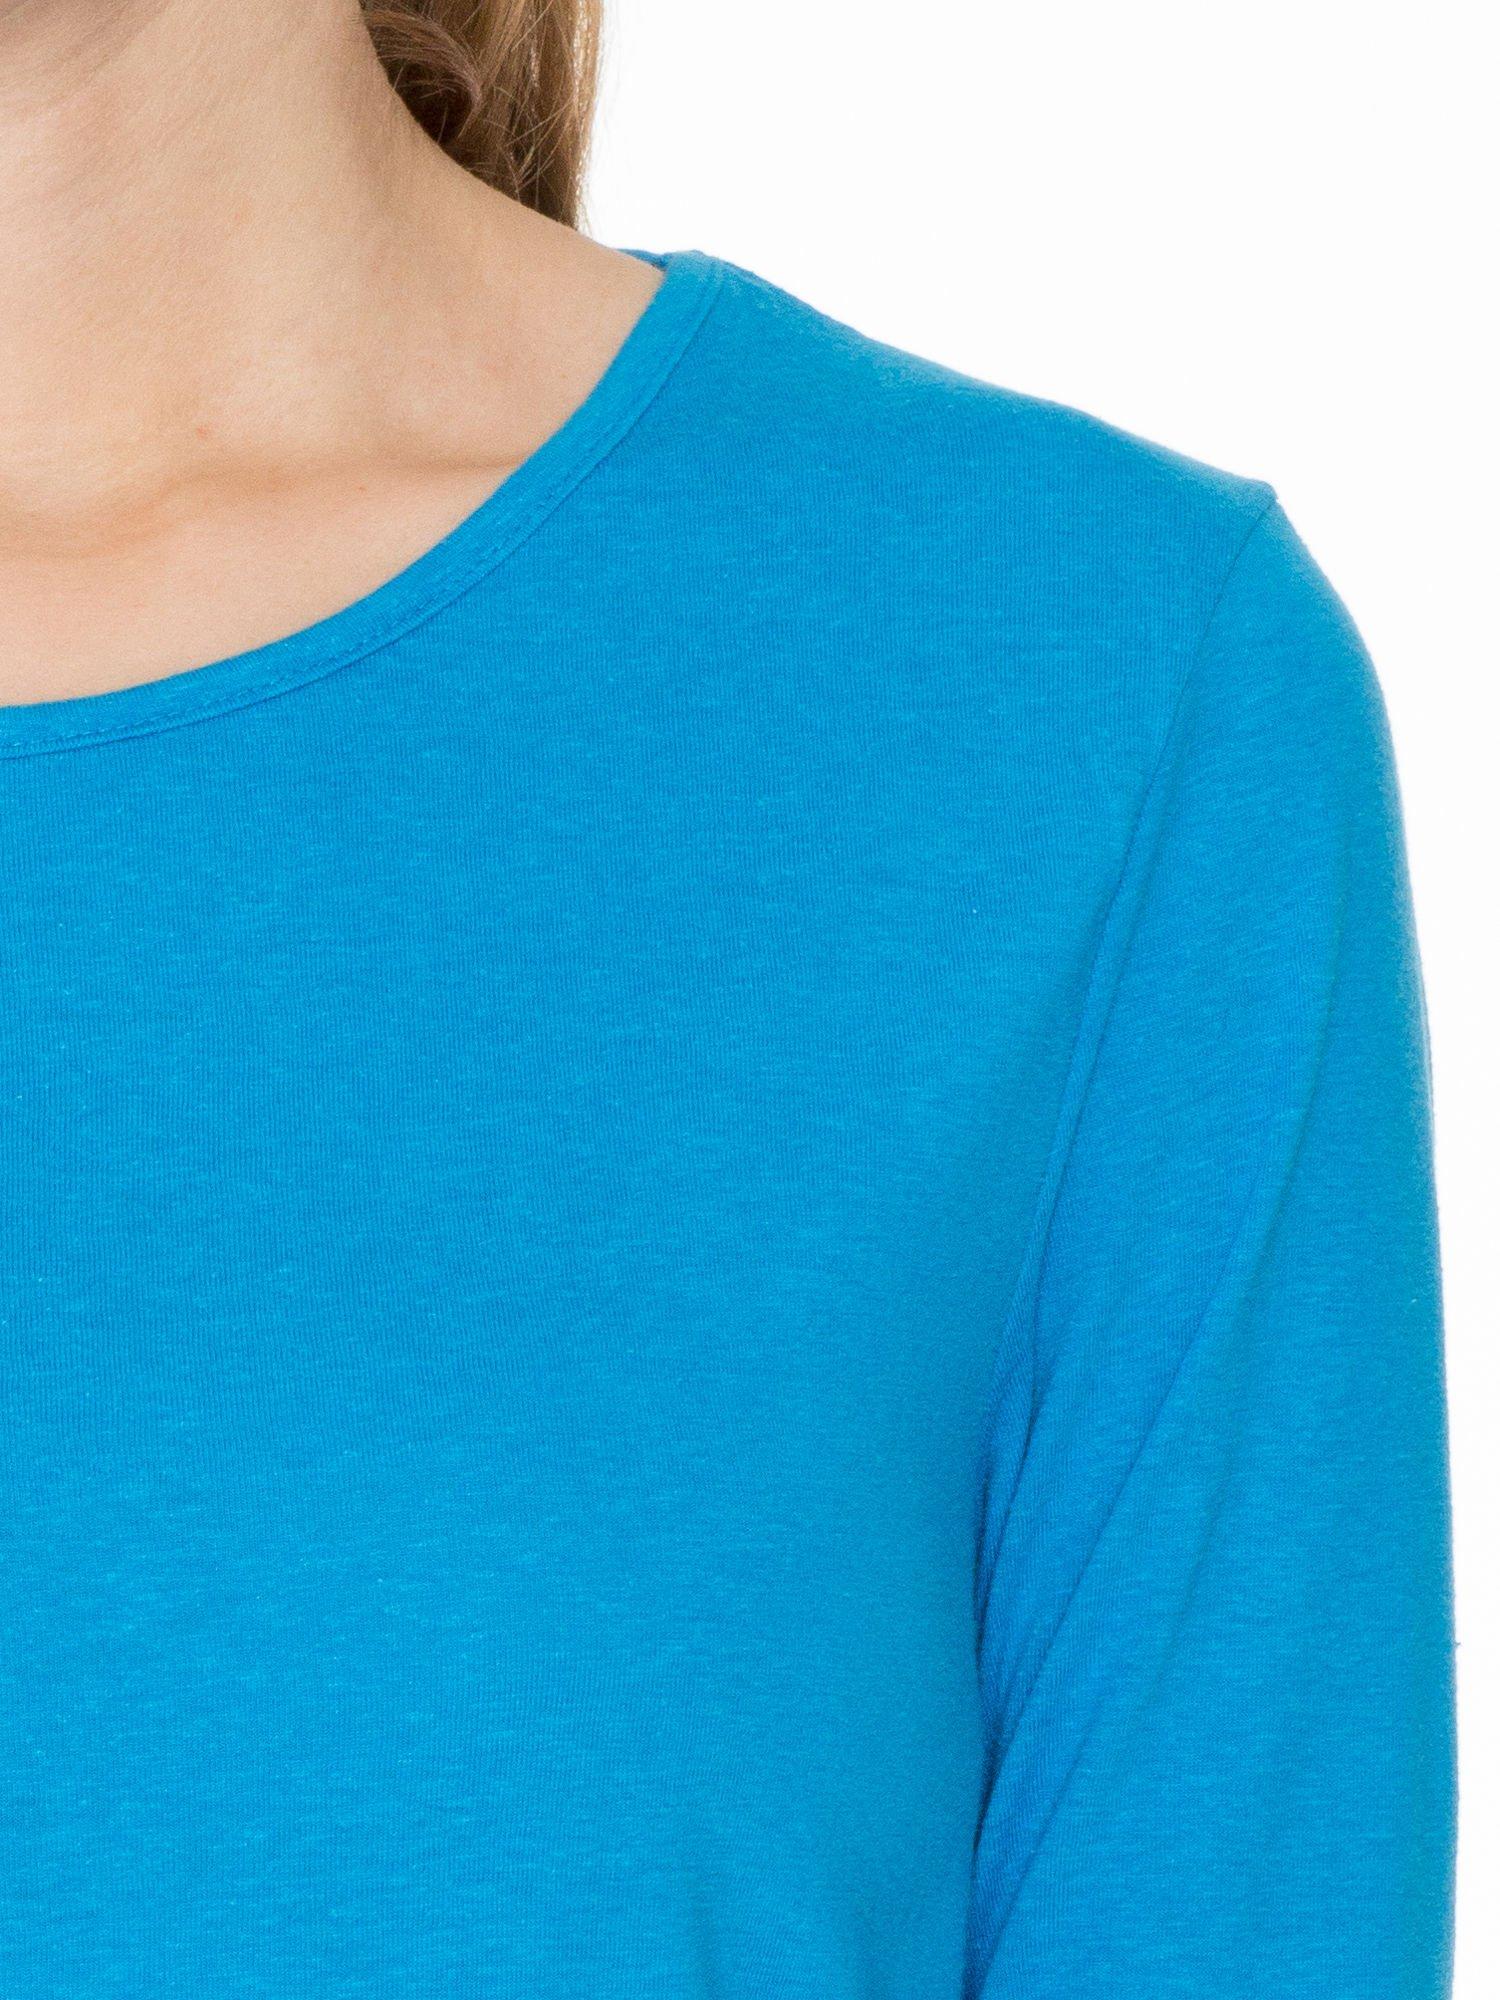 Niebieska bawełniana bluzka z gumką na dole                                  zdj.                                  5